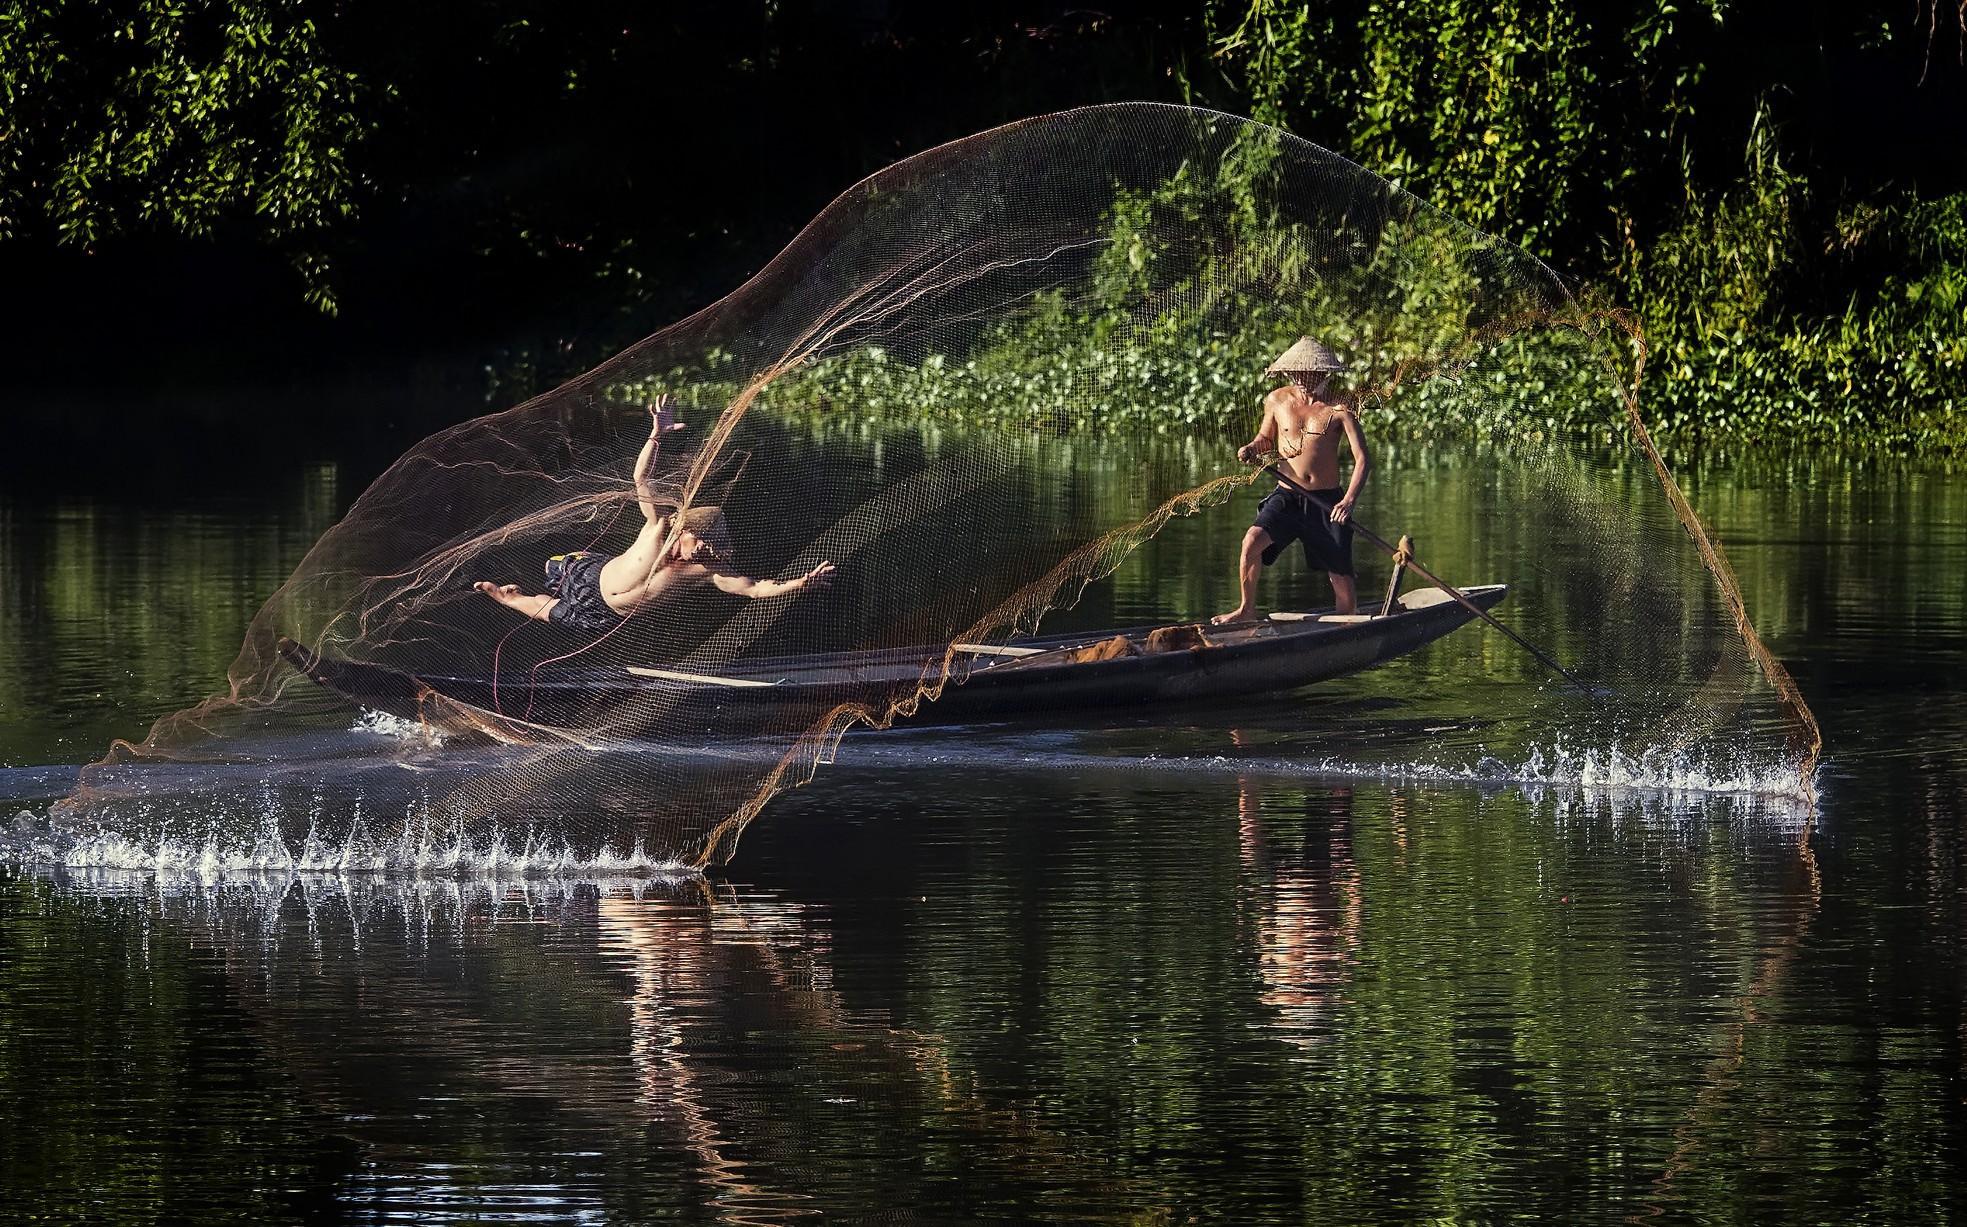 Nữ nhiếp ảnh gia Thổ Nhĩ Kỳ chụp Việt Nam tuyệt đẹp